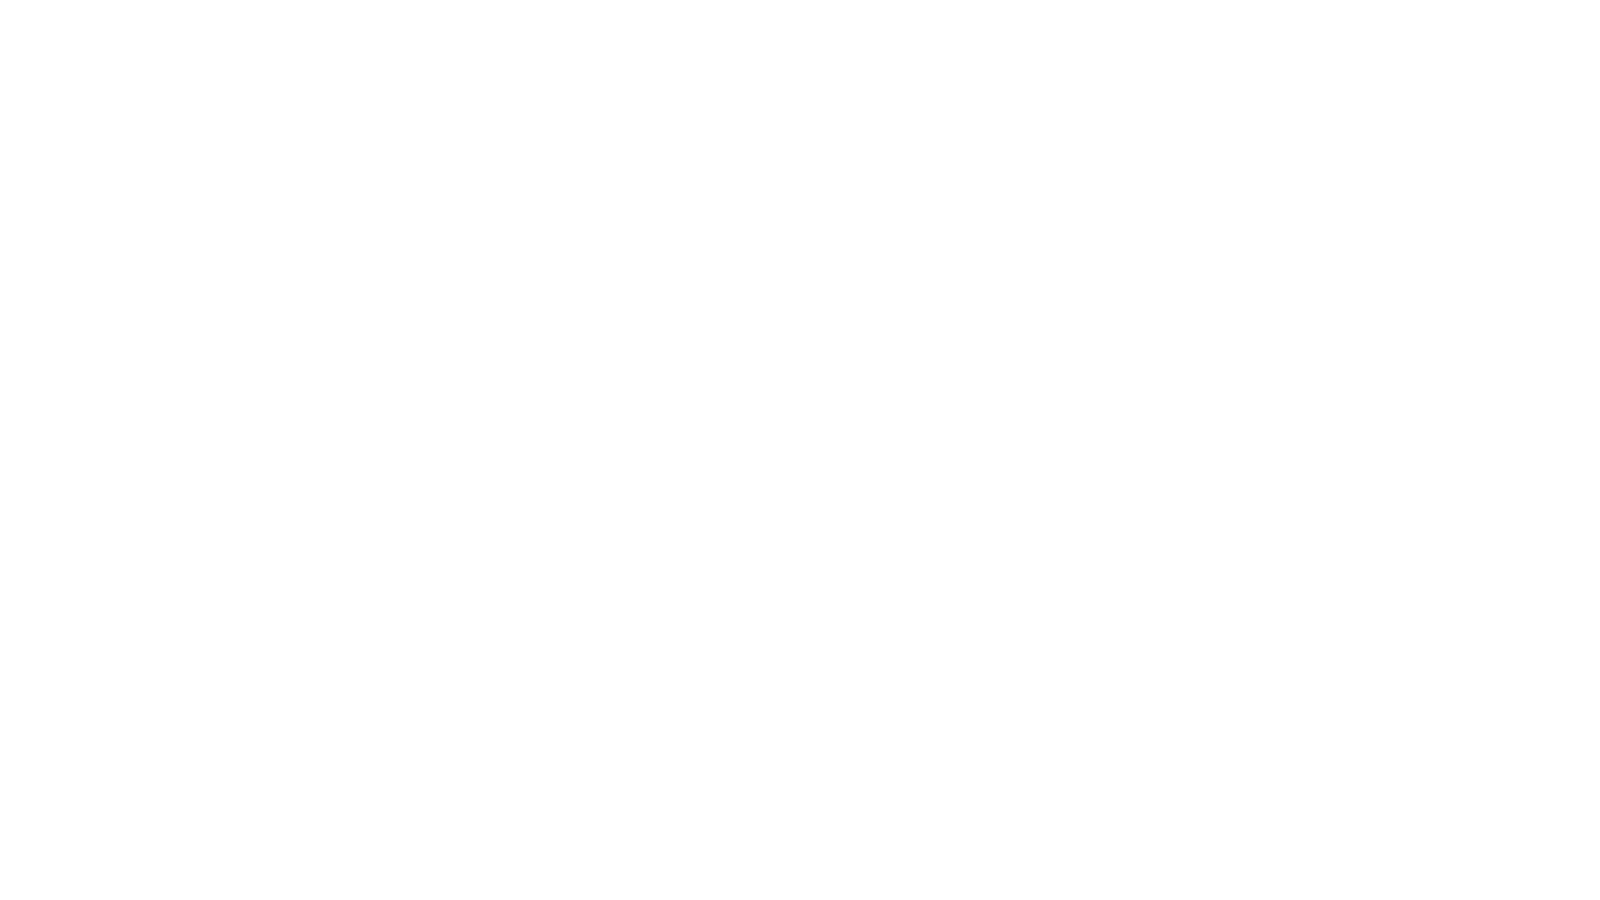 🔰Бъди Успешен и Финансово Независим - https://angelovdimitar.com/  🔰МОИТЕ ПЛАТЕНИ УСЛУГИ - https://bit.ly/3wLRFnr  👍Подкрепете това, което правя: https://www.patreon.com/AngelovDimitar  👉Facebook: https://fb.me/angelovdimitarbg 👉Instagram: https://www.instagram.com/angelovdimitarbg  🟩Регистрация в BINANCE - https://bit.ly/3zccF8m 🟦Регистрация в COINBASE - https://bit.ly/3kdqttb 🟨Регистрация в KRAKEN - https://www.kraken.com/  0:00 Какво е Balance Sheet 5:07 Cash & Cash Equivalents 7:58 Receivables 8:20 Inventory 9:53 Pre-Paid Expenses 10:37 Other Current Assets 11:02 Total Current Assets 11:43 Property, Plant & Equipment 13:37 Long-Term Investments 15:14 Goodwill & Intangible Assets 17:07 Operating Lease Right-of-Use Assets 17:48 Other Long-Term Assets 18:02 Total Assets 19:14 Total Current Liabilities 19:36 Accounts Payable 20:09 Partners Payable & Operating Lease Liabilities 20:30 Accrued Expenses 21:24 Current Ratio 23:20 Long-Term Debt 24:31 Other Non-Current Liabilities 24:41 Total Long-Term Liabilities 24:50 Total Liabilities 24:57 Share Holder Equity (Book Value) 25:20 Debt to Equity ratio 28:52 Return on Equity ratio 29:22 Common Stocks 29:58 Preferred Stocks 30:15 Additional Paid-In Capital 31:21 Retained Earnings 32:48 Comprehensive Income 33:07 ROE ratio формула  🎬Income Statement - https://bit.ly/2XSwGTB  📖Income Statement (статията) - https://bit.ly/39Lldb7 📖Balance Sheet (статията) - https://bit.ly/3D2QKCn 📖Cash Flow Statement (статията) - https://bit.ly/3ALHhOL  Искате ли да се запишете за томболата на angelovdimitar.com, чрез която може да спечелите консултация с мен и изграждане на портфолио за дългосрочни инвестиции? Пакетната цена на услугите е 300 лв и един от вас ще ги получи напълно безплатно. Условията за участие са следните:  ✔Условие 1️⃣: Абонирайте се за БЮЛЕТИНА на сайта и ми изпратете имейл на info@angelovdimitar.com с вашите имена и инвестиционно положение:  1. Инвестирате ли вече или сега смятате да започвате? 2. Кои активи са ви направ